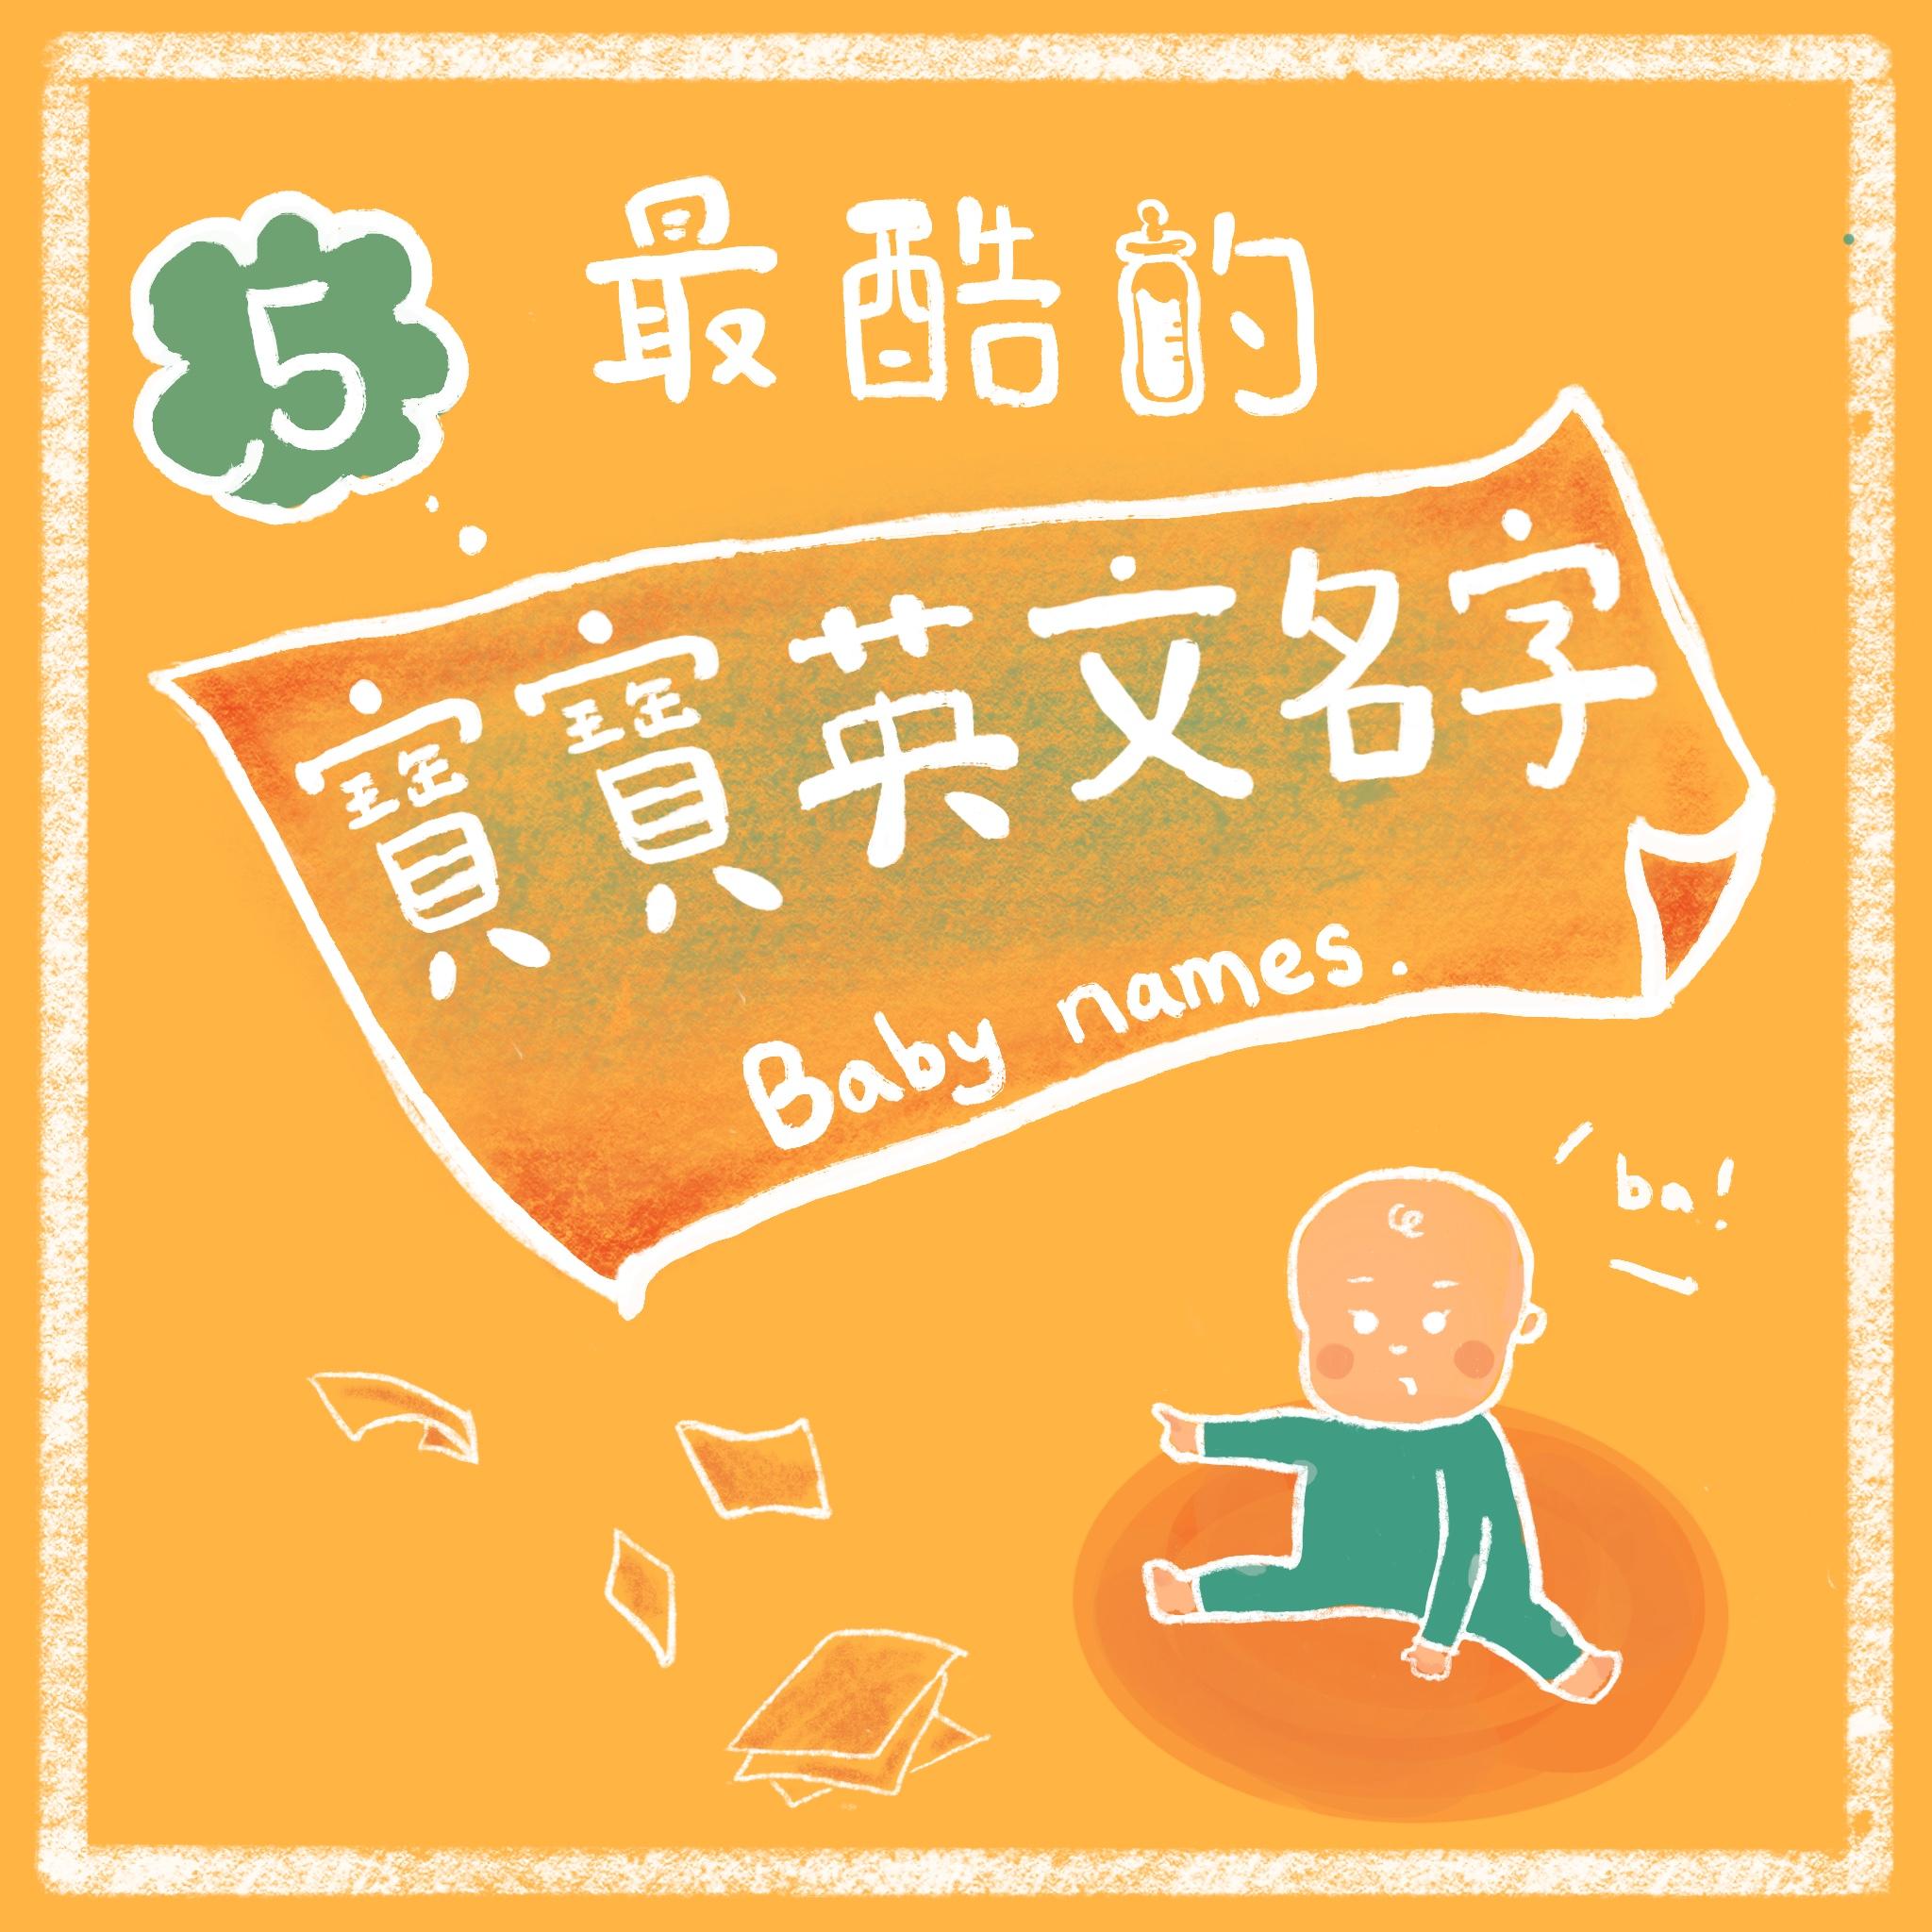 ep5.最酷的寶寶英文名字 Baby names